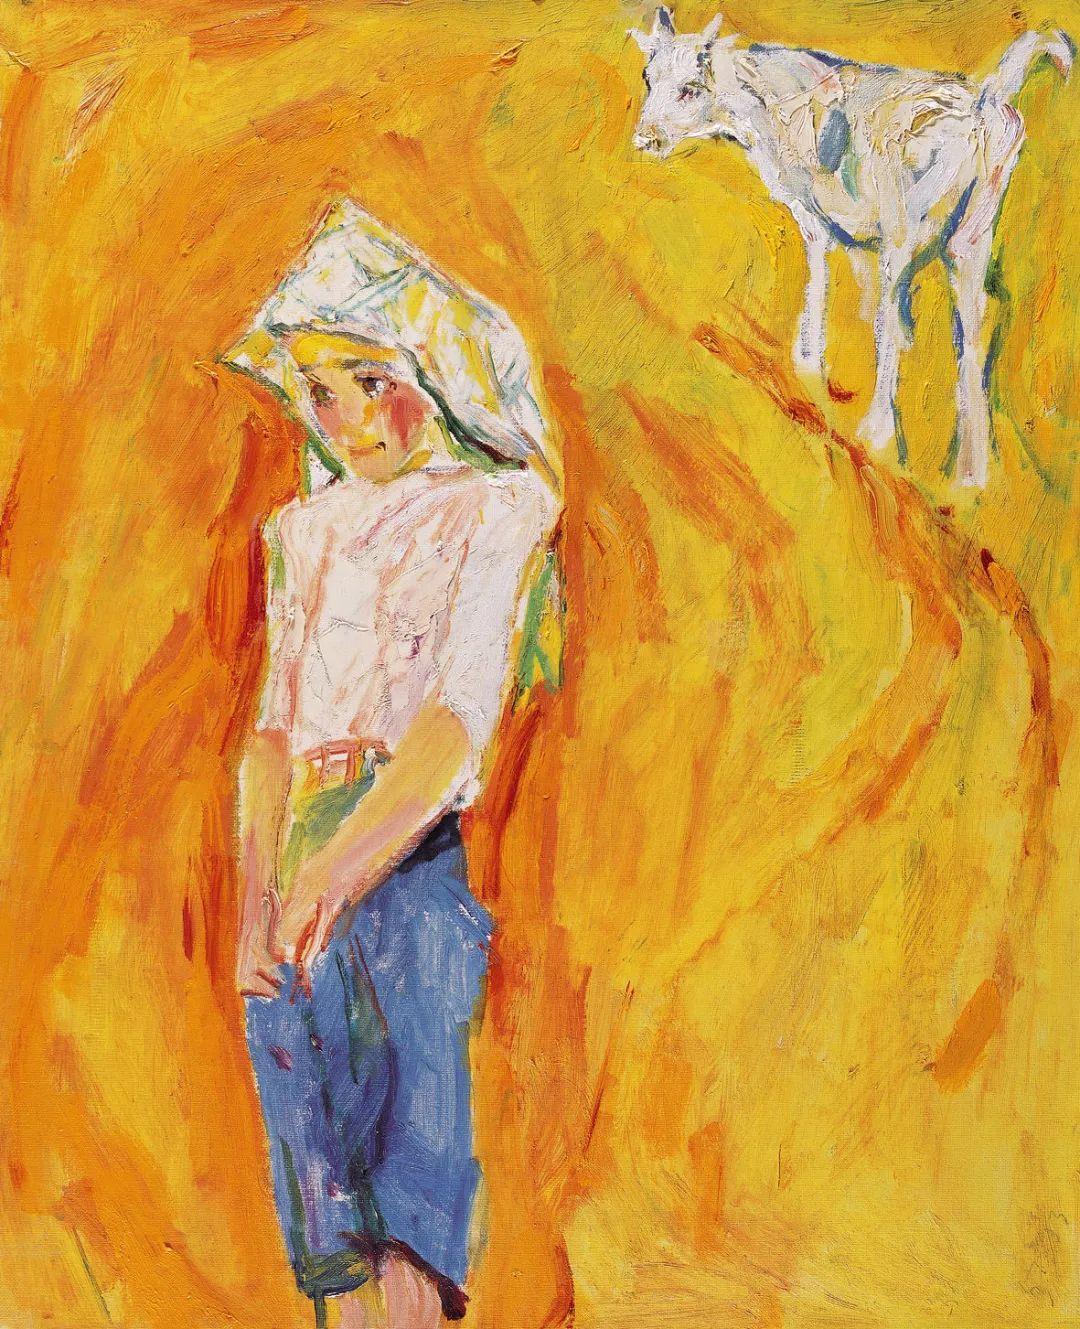 中国当代绘画艺术展作品欣赏之 罗尔纯插图49